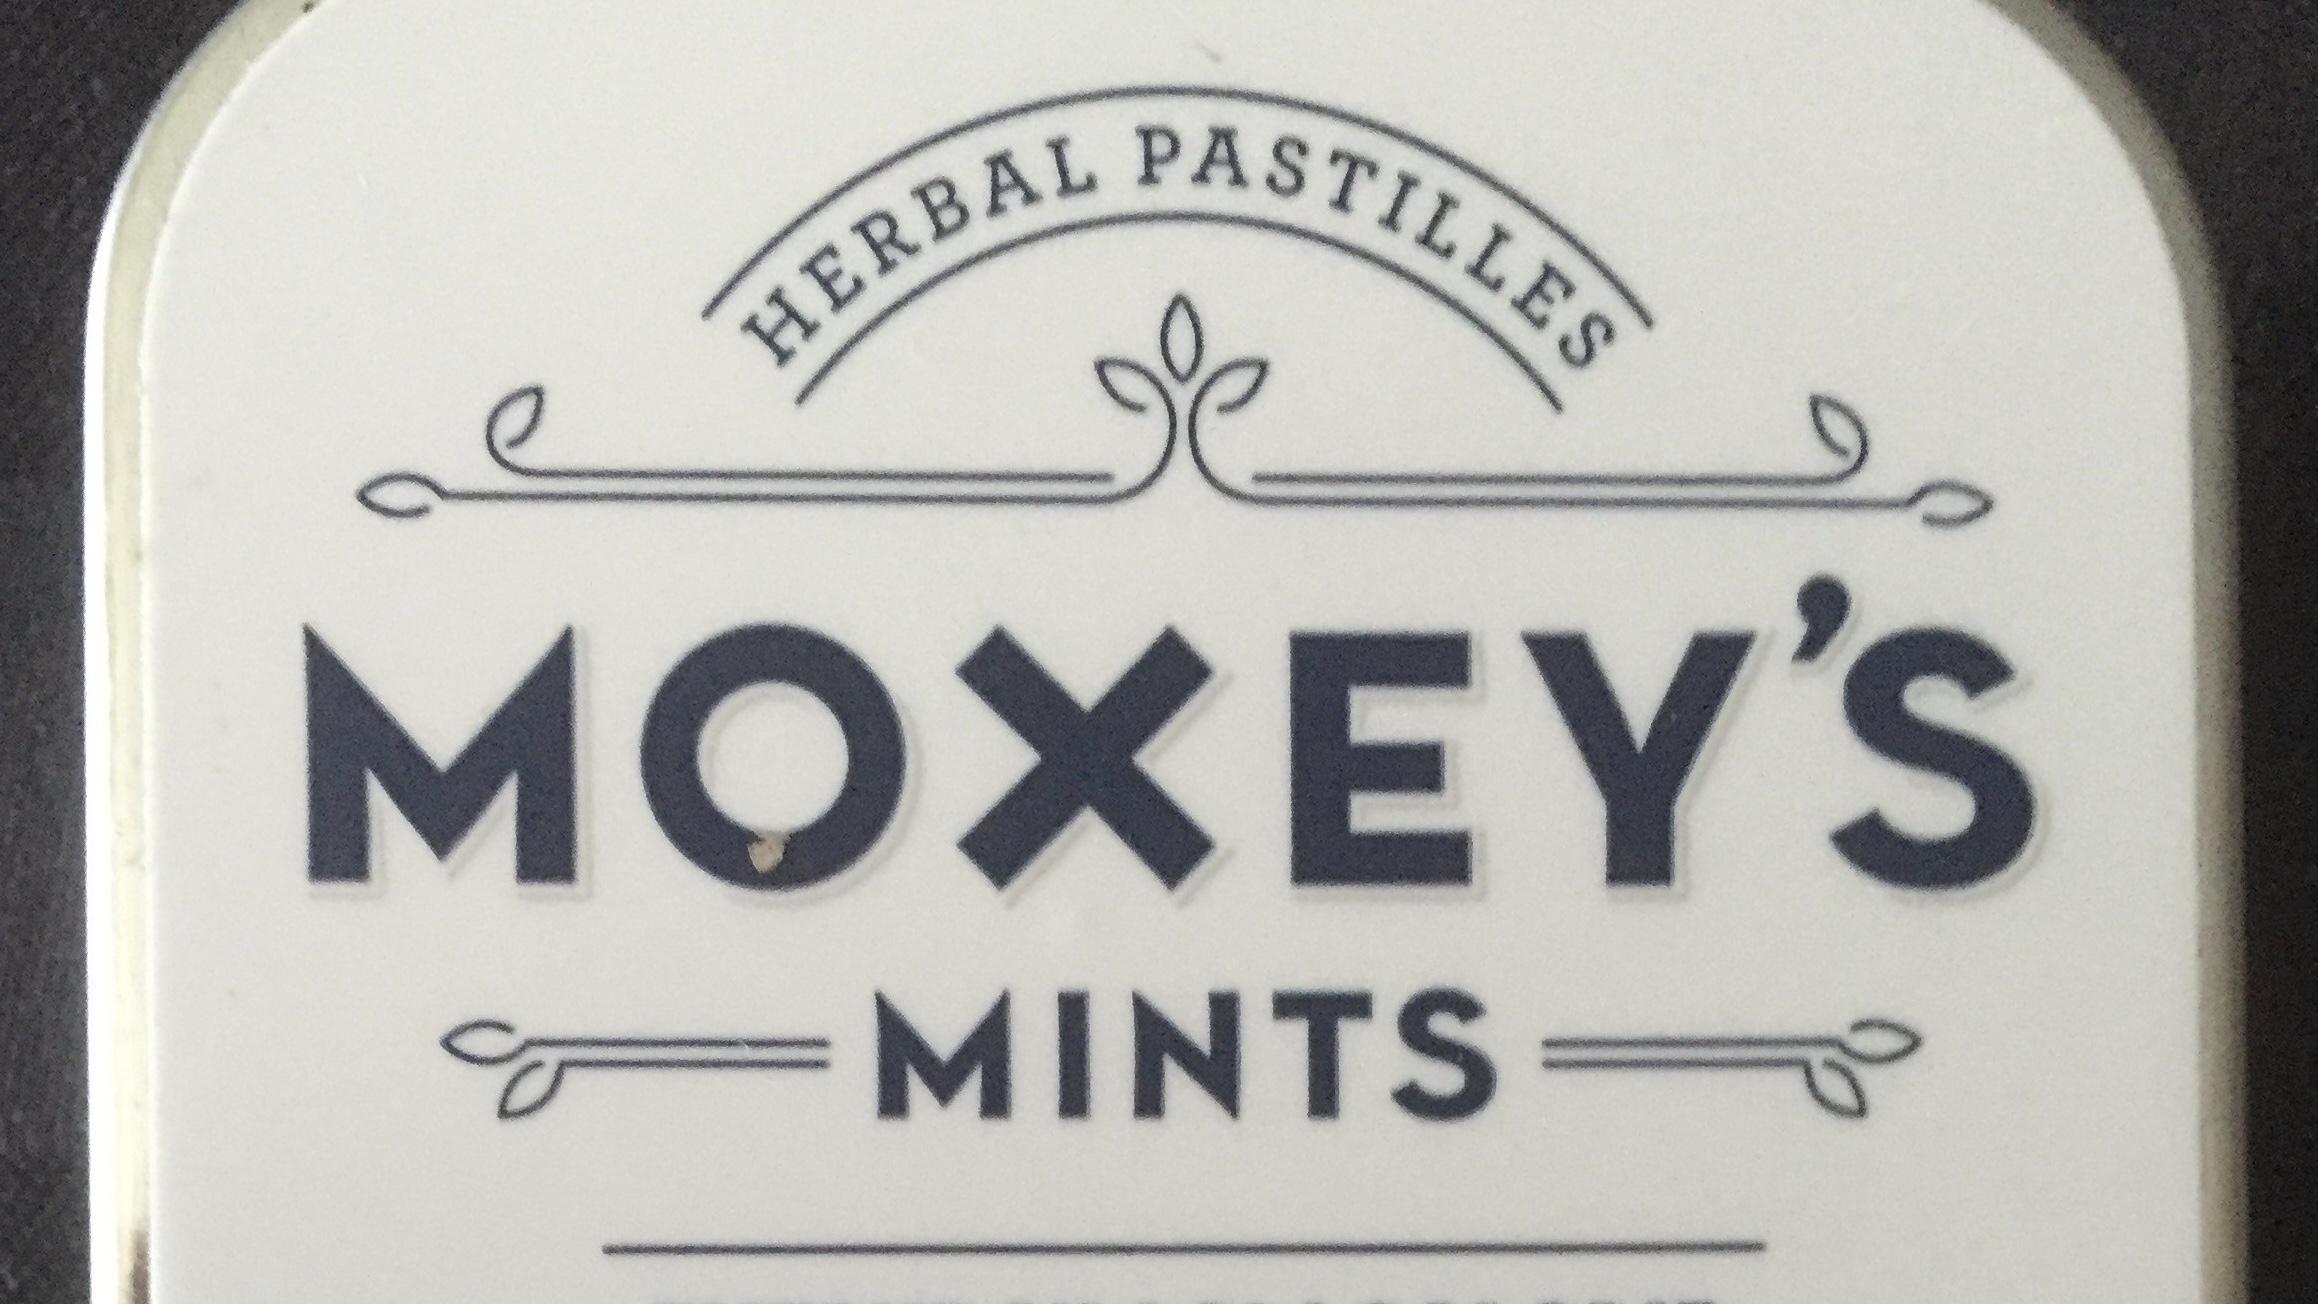 Moxey's Mints.